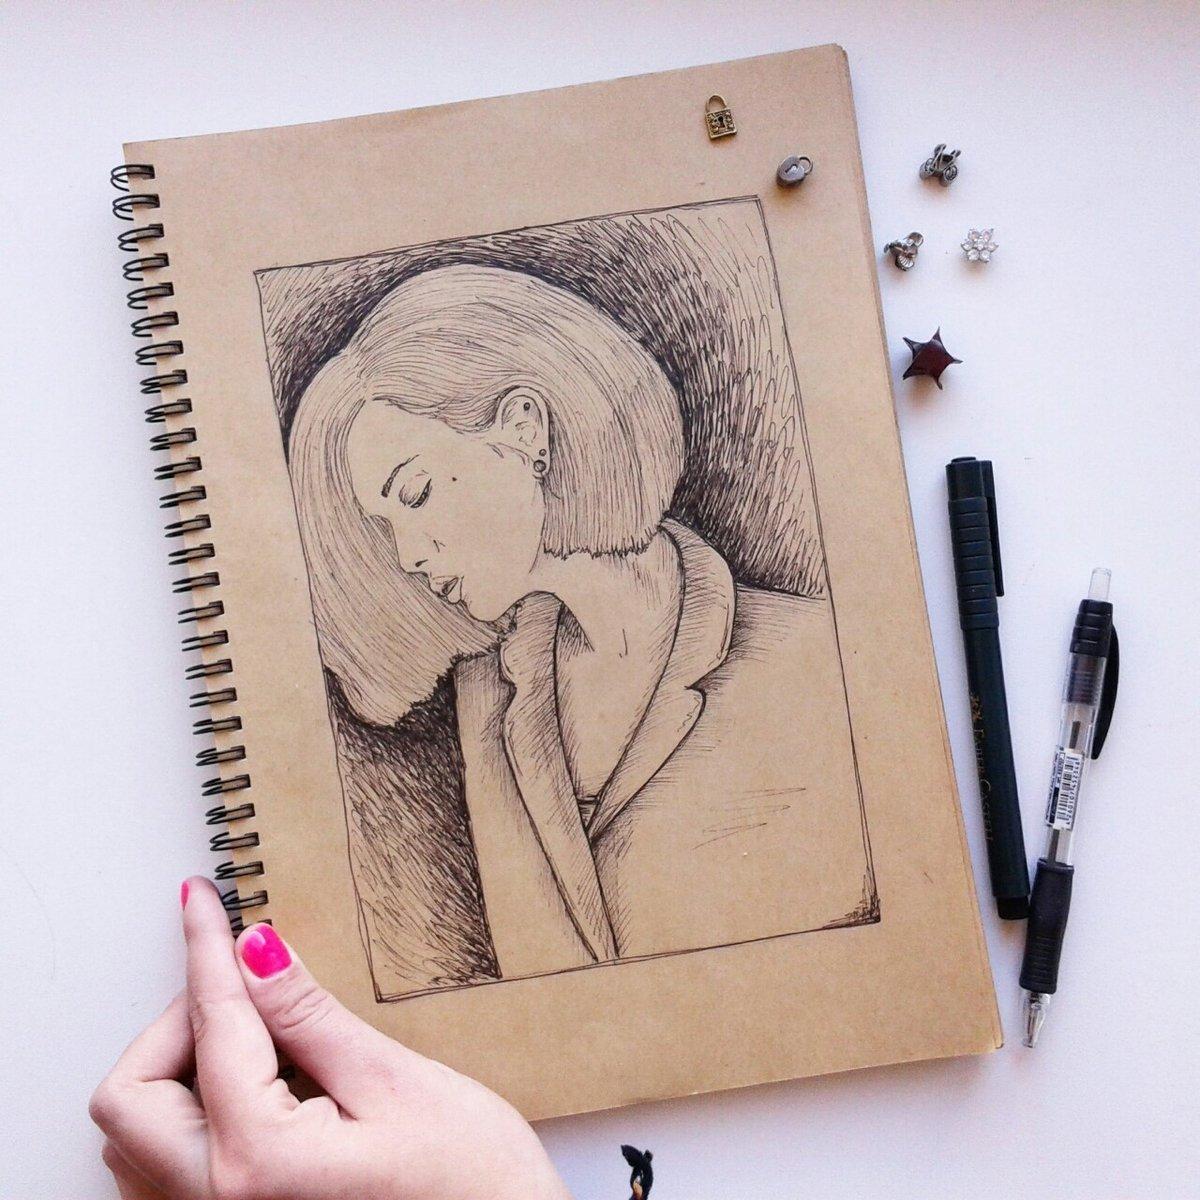 картинки для рисования в блокнот как поставку